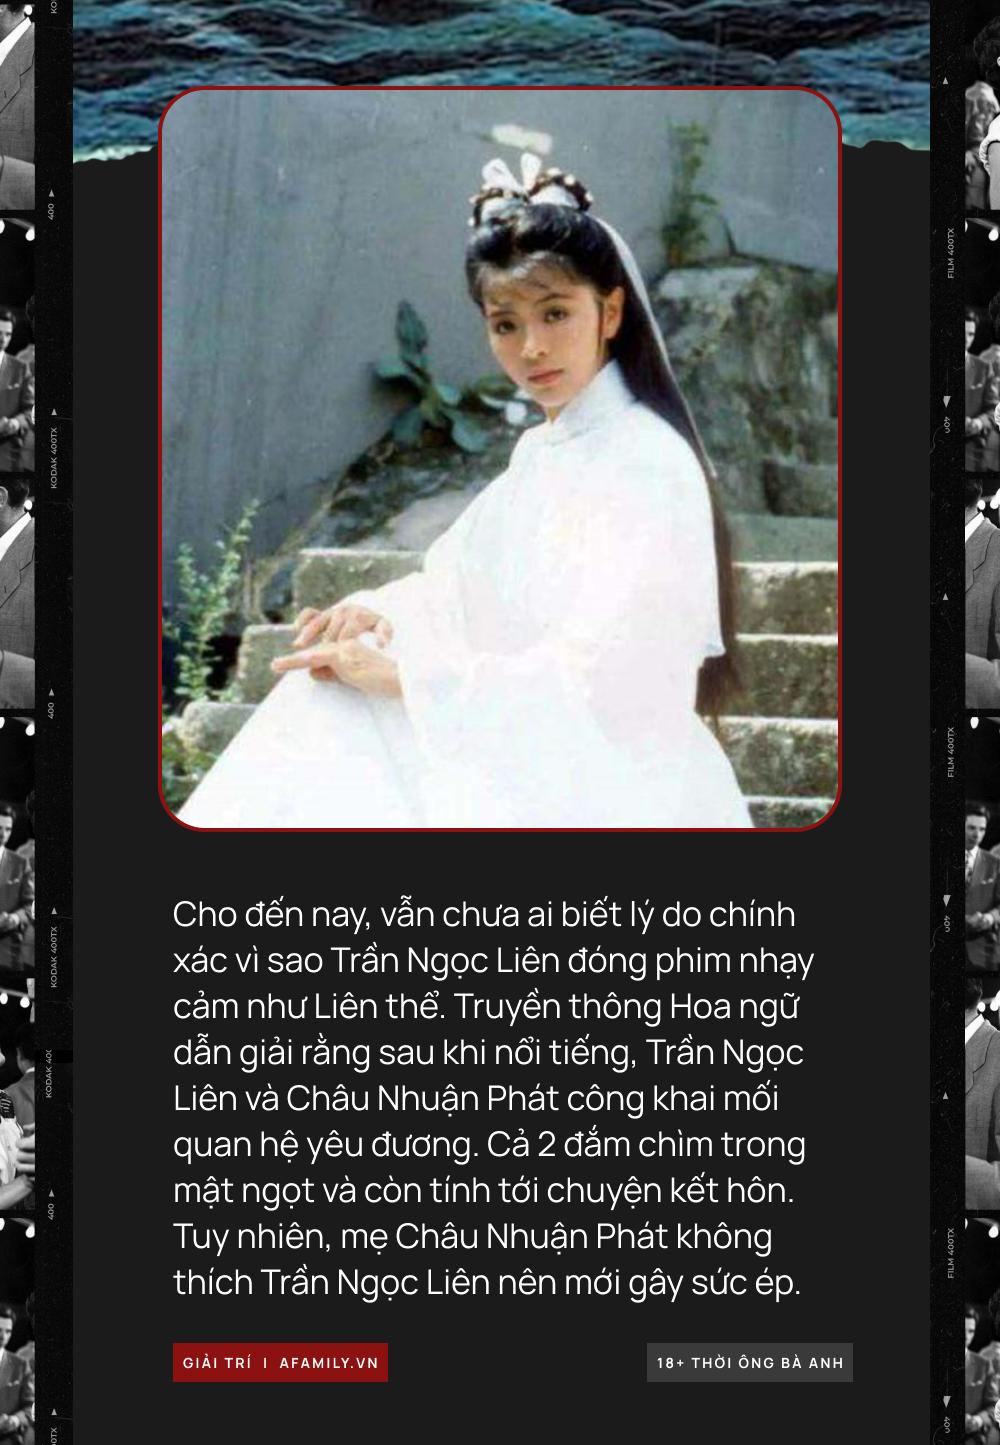 """Phim 18+ của Trần Ngọc Liên: Sụp đổ hình tượng """"Tiểu Long Nữ"""", tự sát vì Châu Nhuận Phát bất thành nên đóng phim cấp 3 - Ảnh 5."""